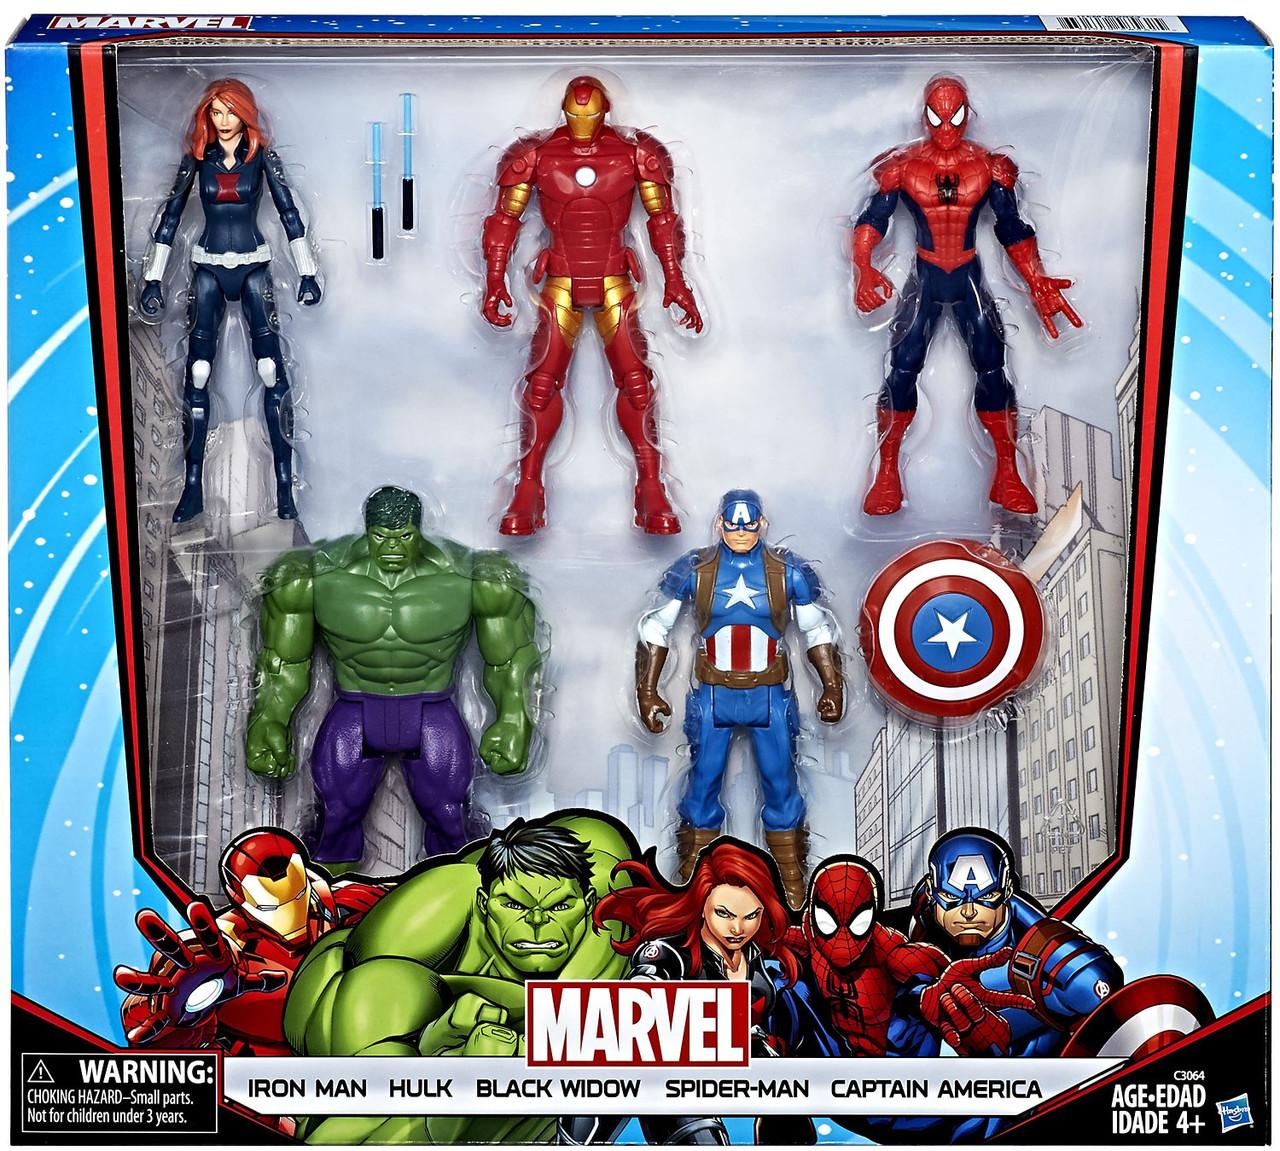 МЕСНИКИ подарунковий набір фігурок Хасбро / Marvel Avengers Hasbro